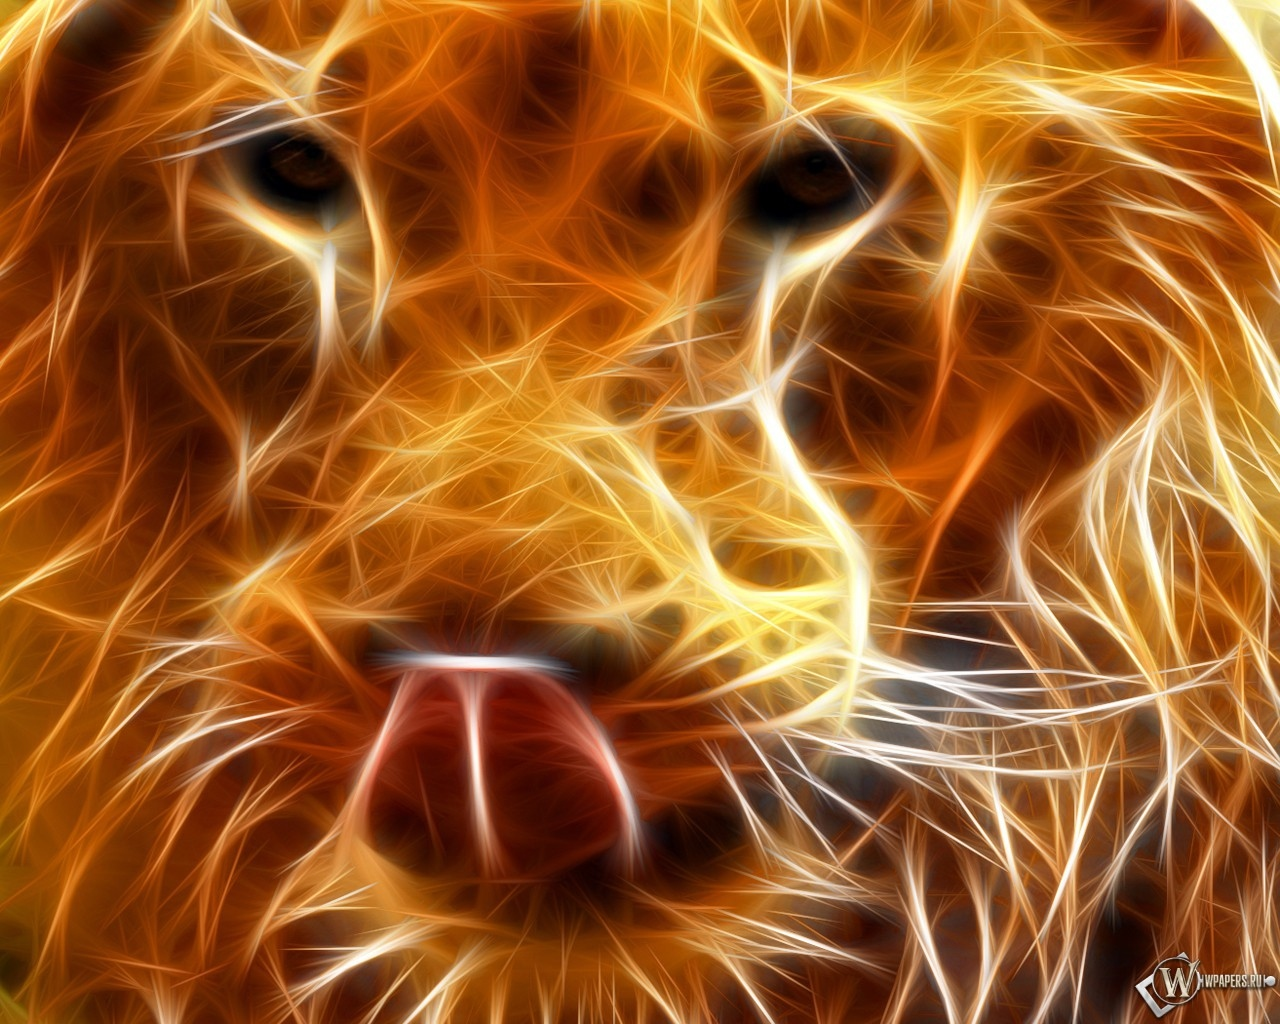 Огненный лев 1280x1024